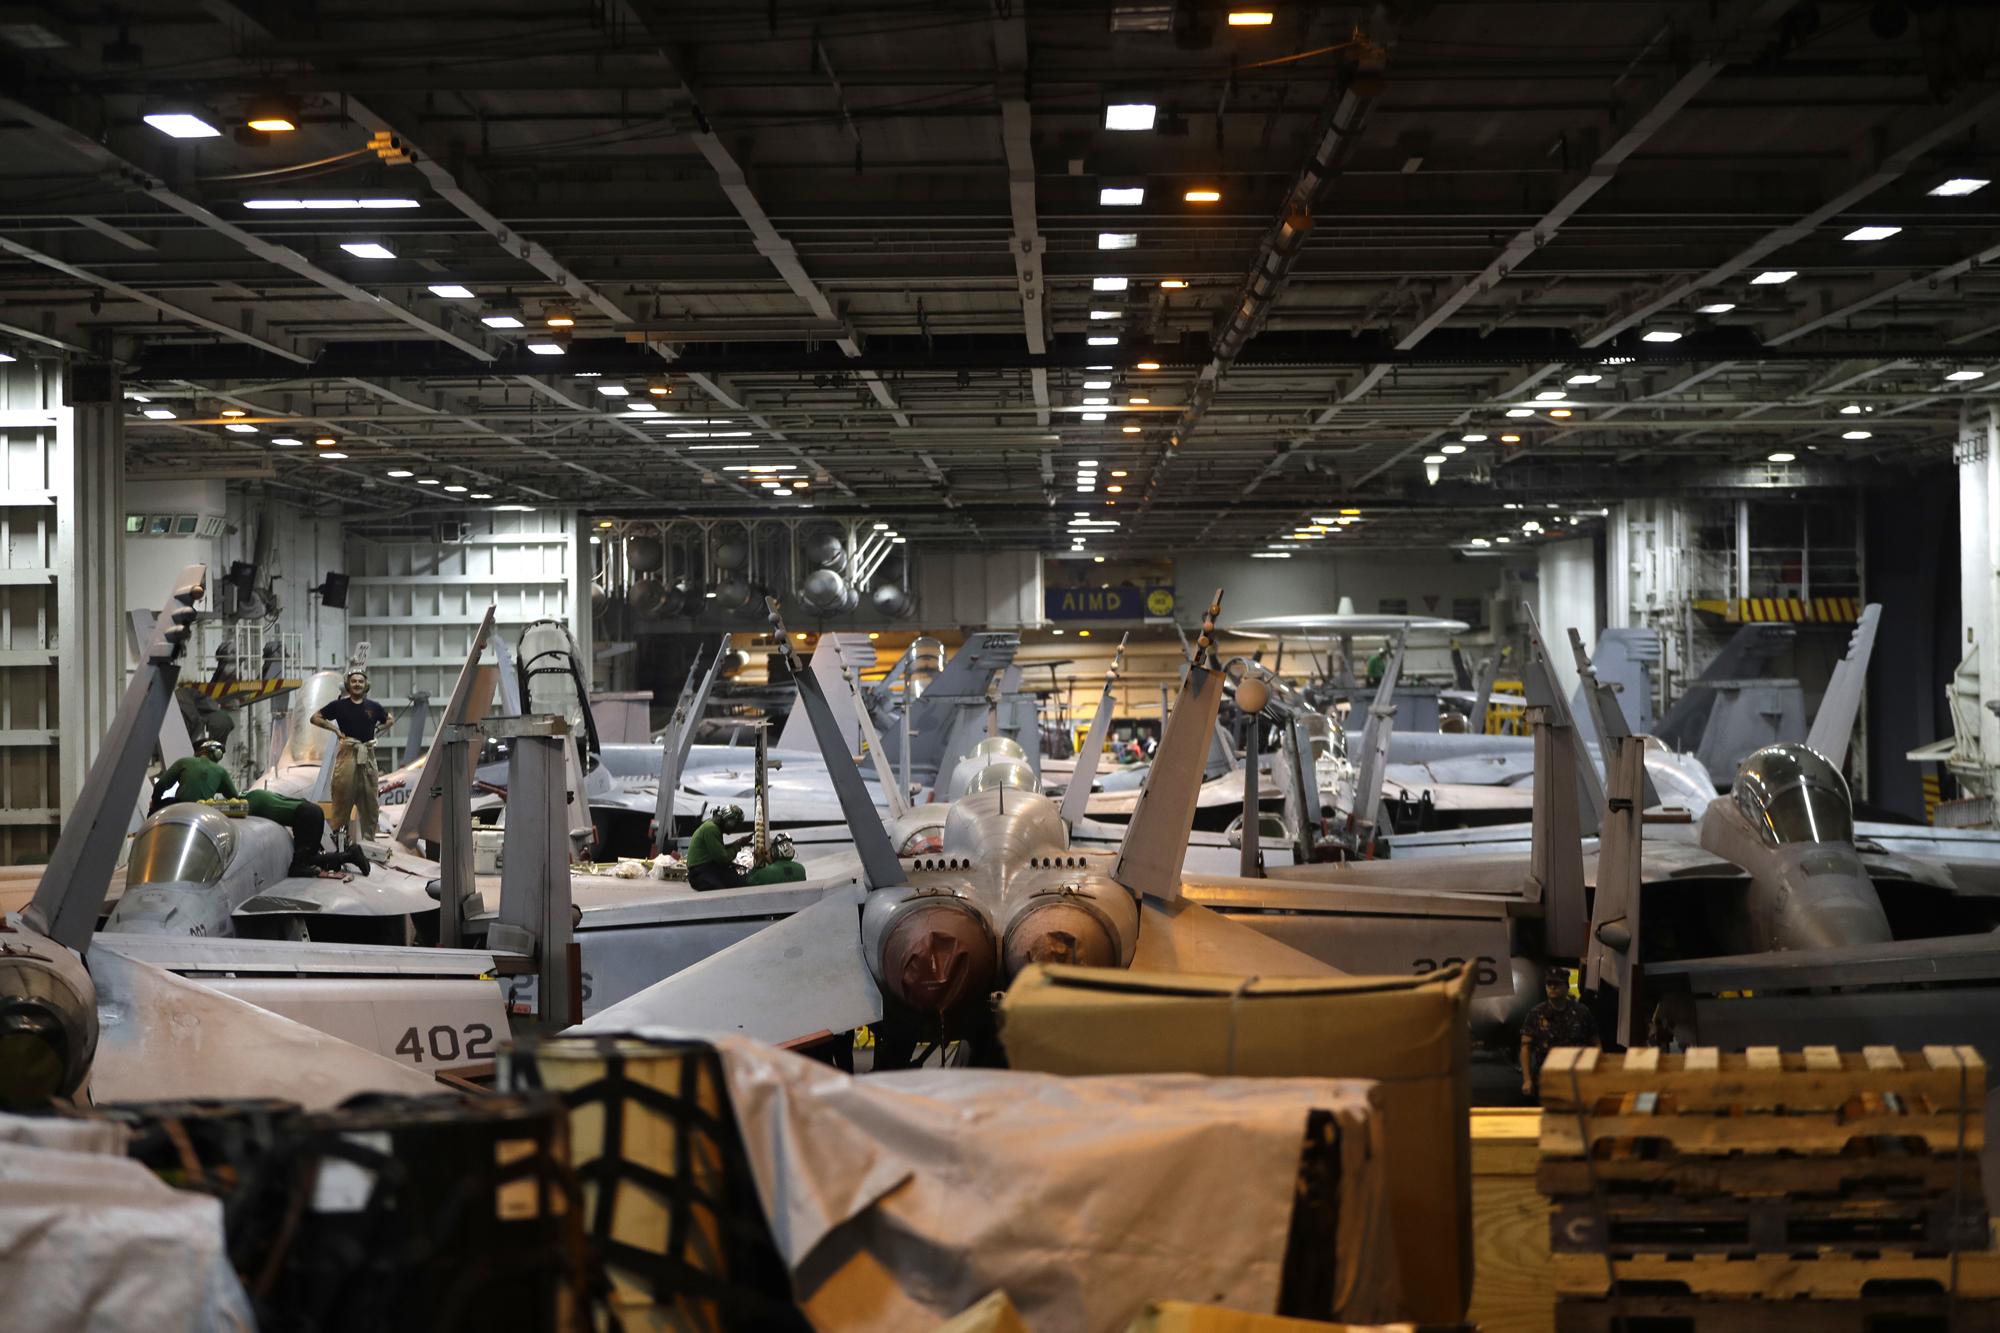 Ike hangar bay